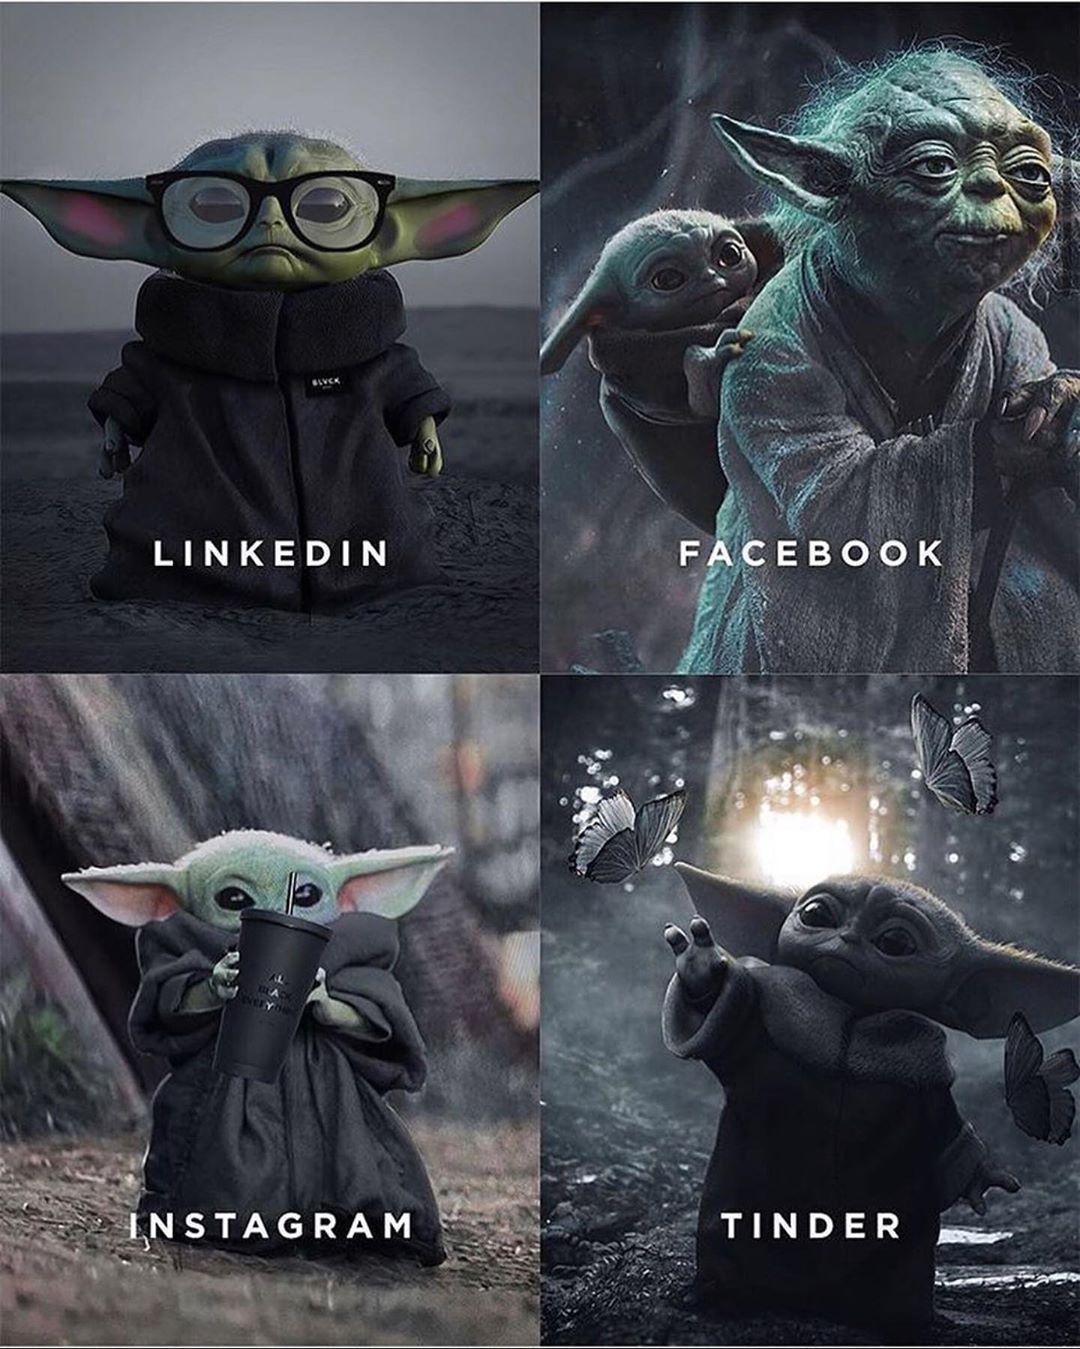 Babyyoda Yoda Starwars Memes Cute Starwarsmemes Babyyodamemes Yodamemes Lukas Lukasfilms Disney Star Wa Star Wars Memes Star Wars Humor Yoda Funny